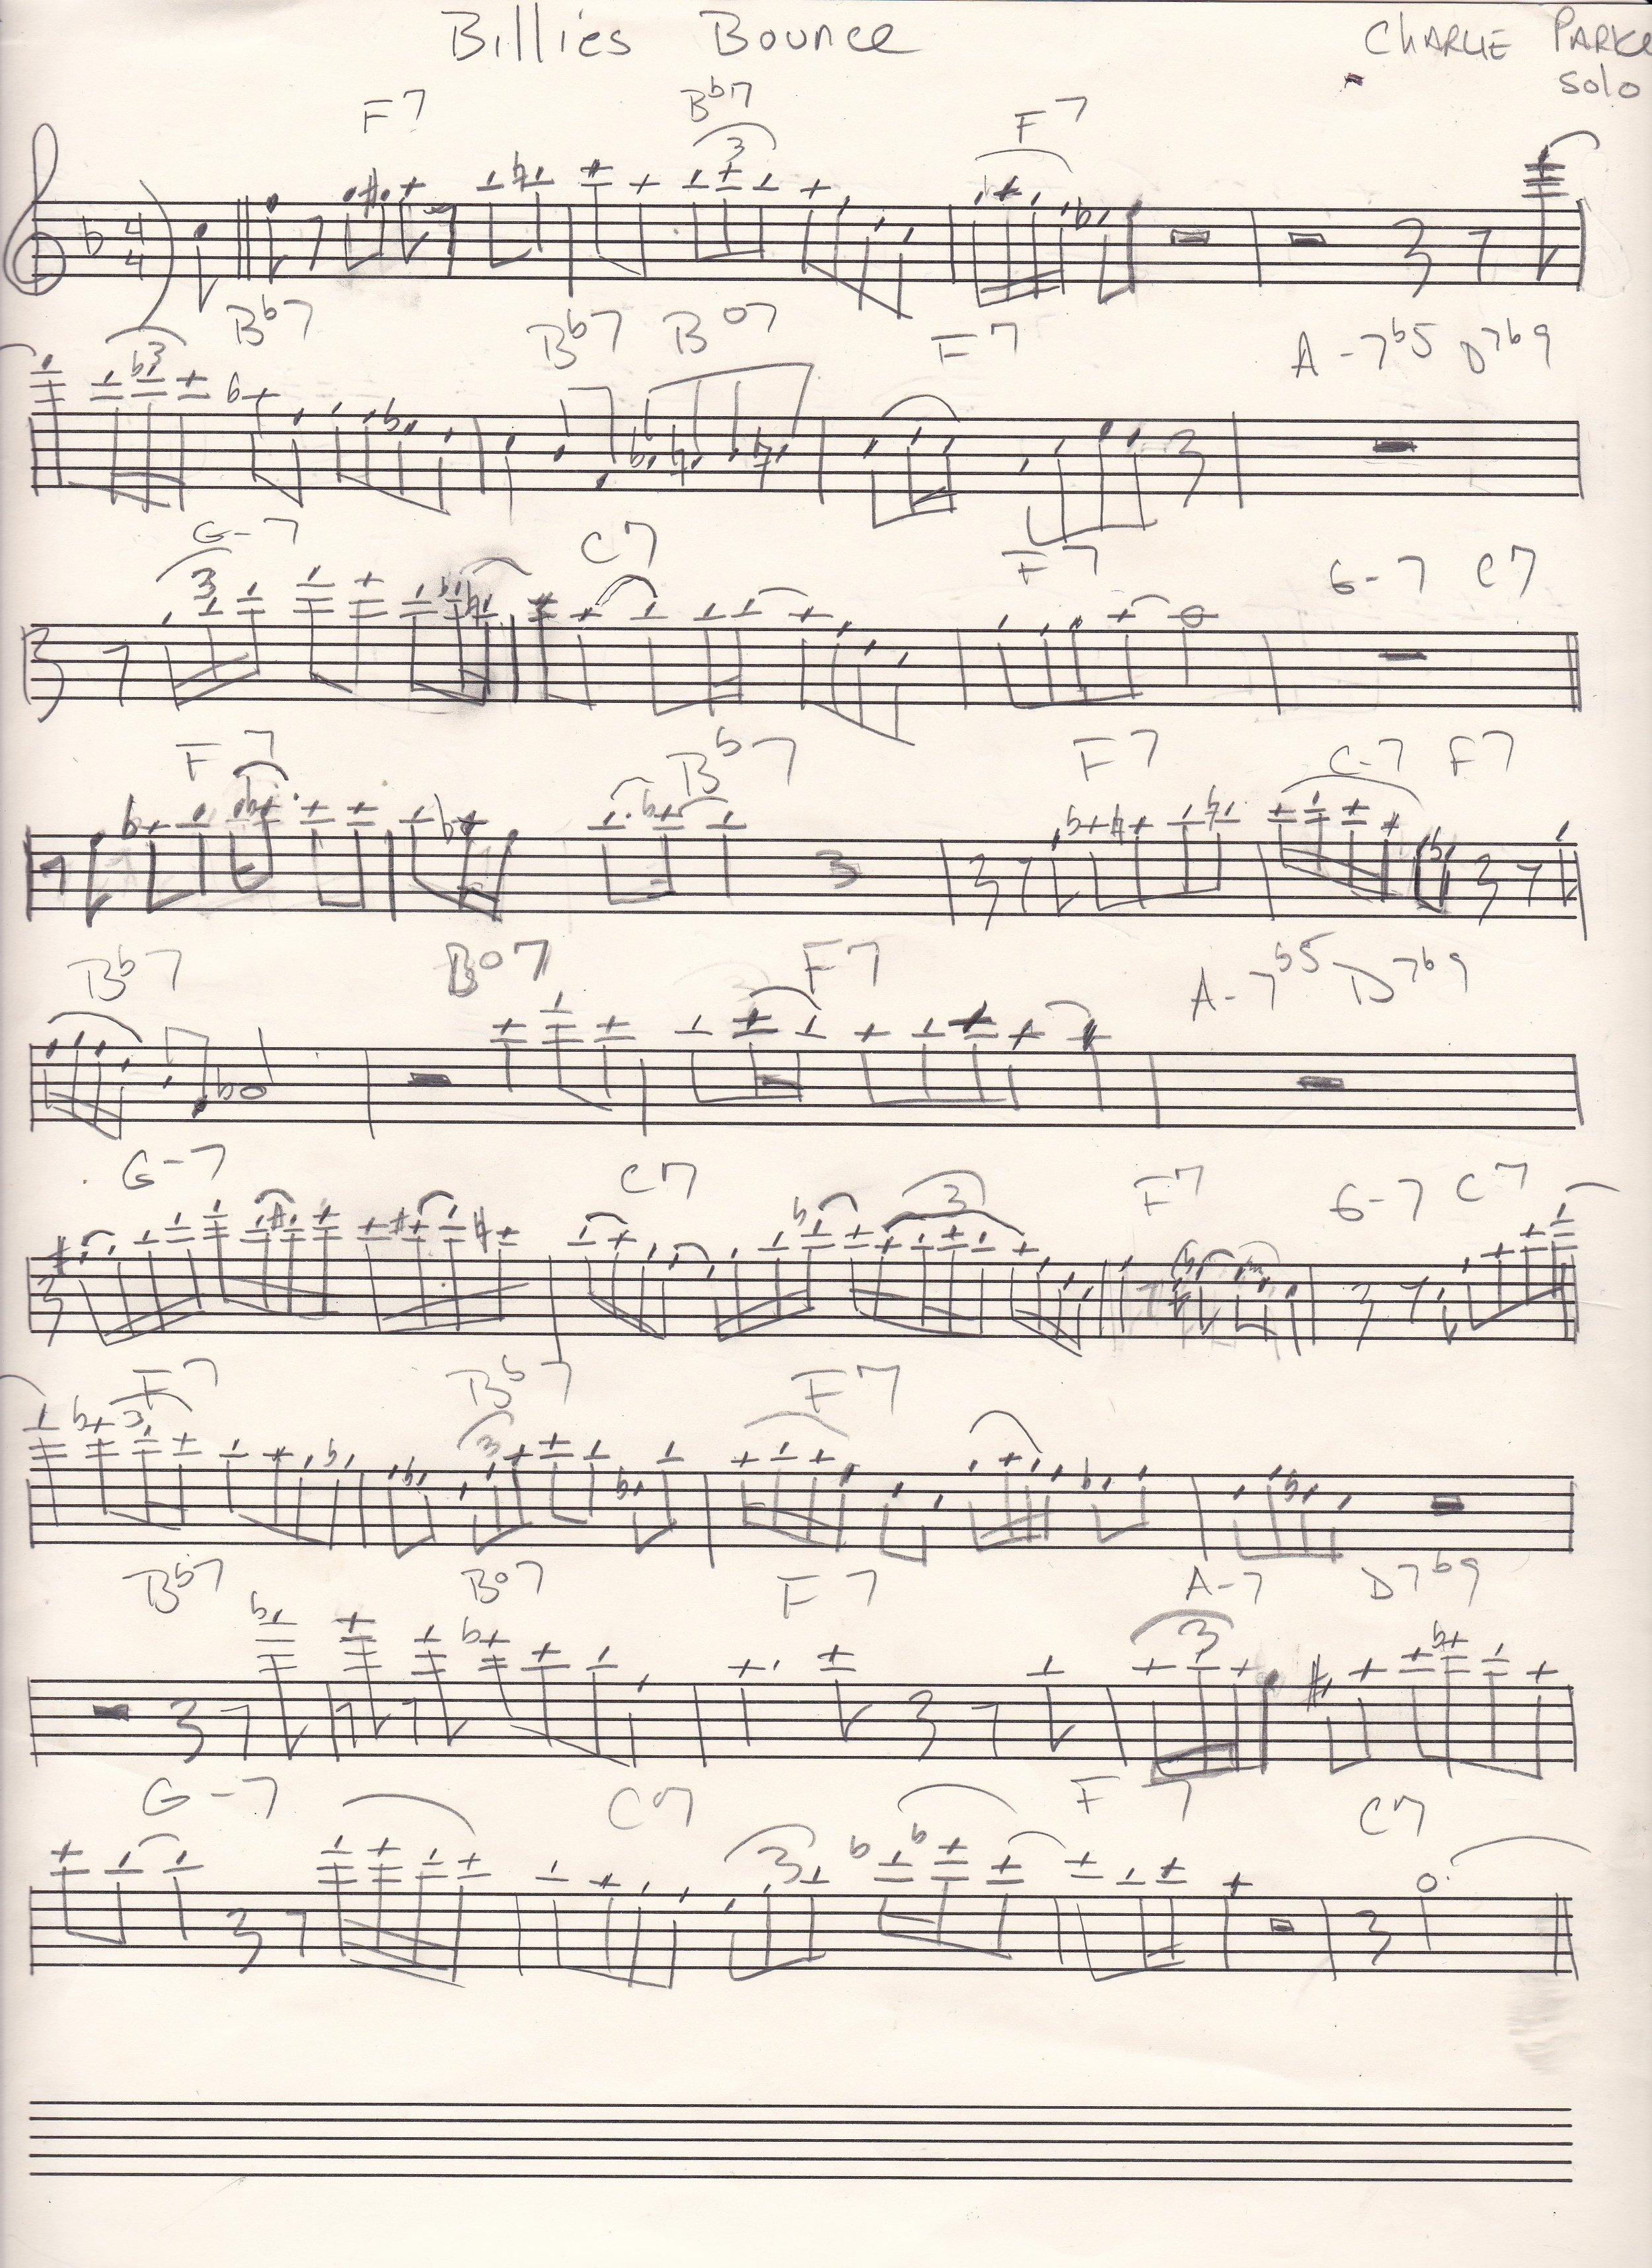 Billie's Bounce p.1 Charlie Parker's solo